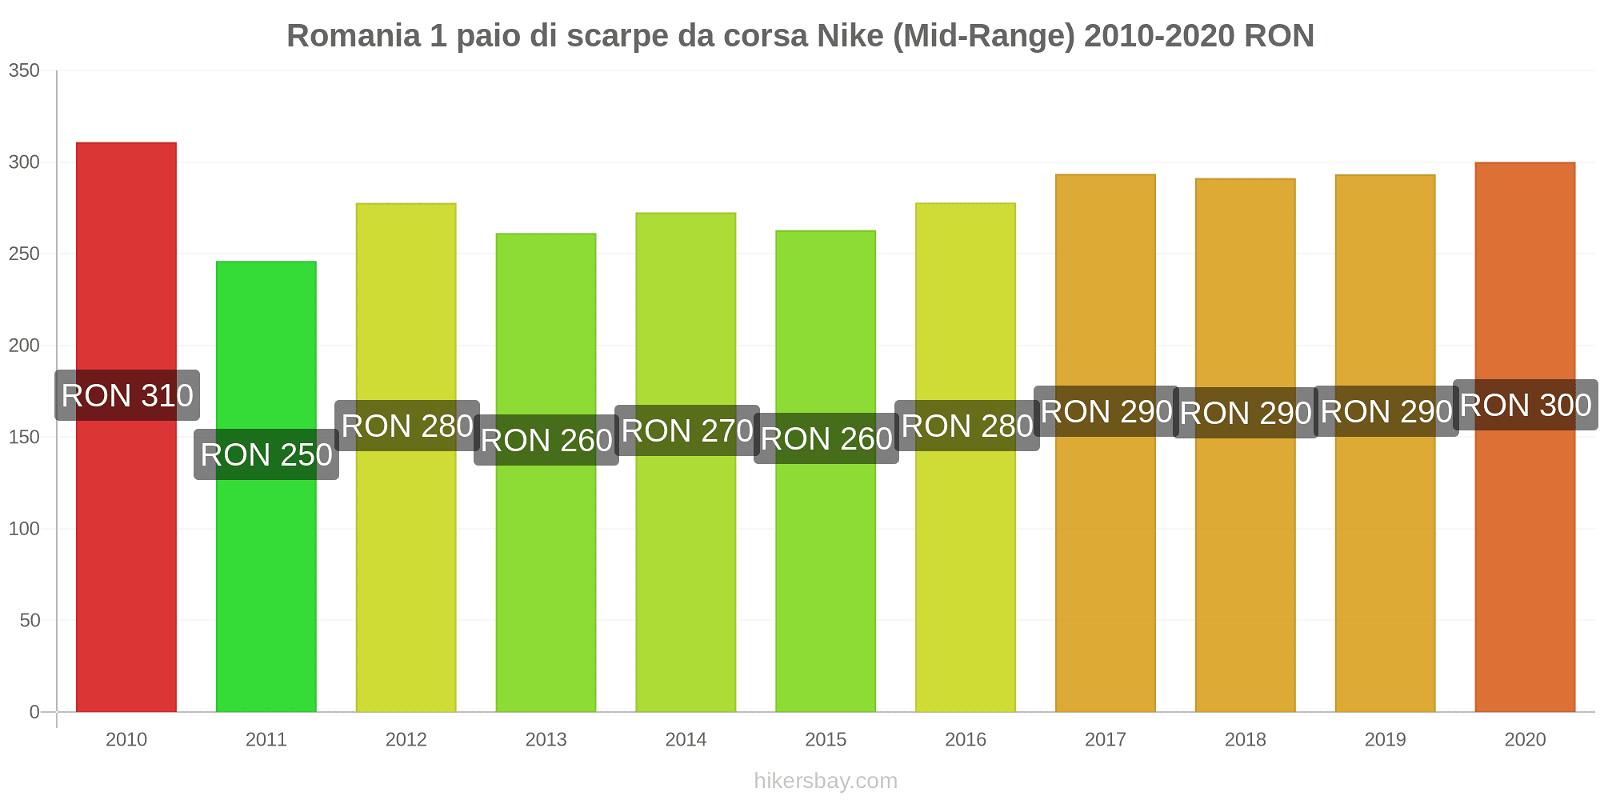 Romania variazioni di prezzo 1 paio di scarpe da corsa Nike (simile) hikersbay.com